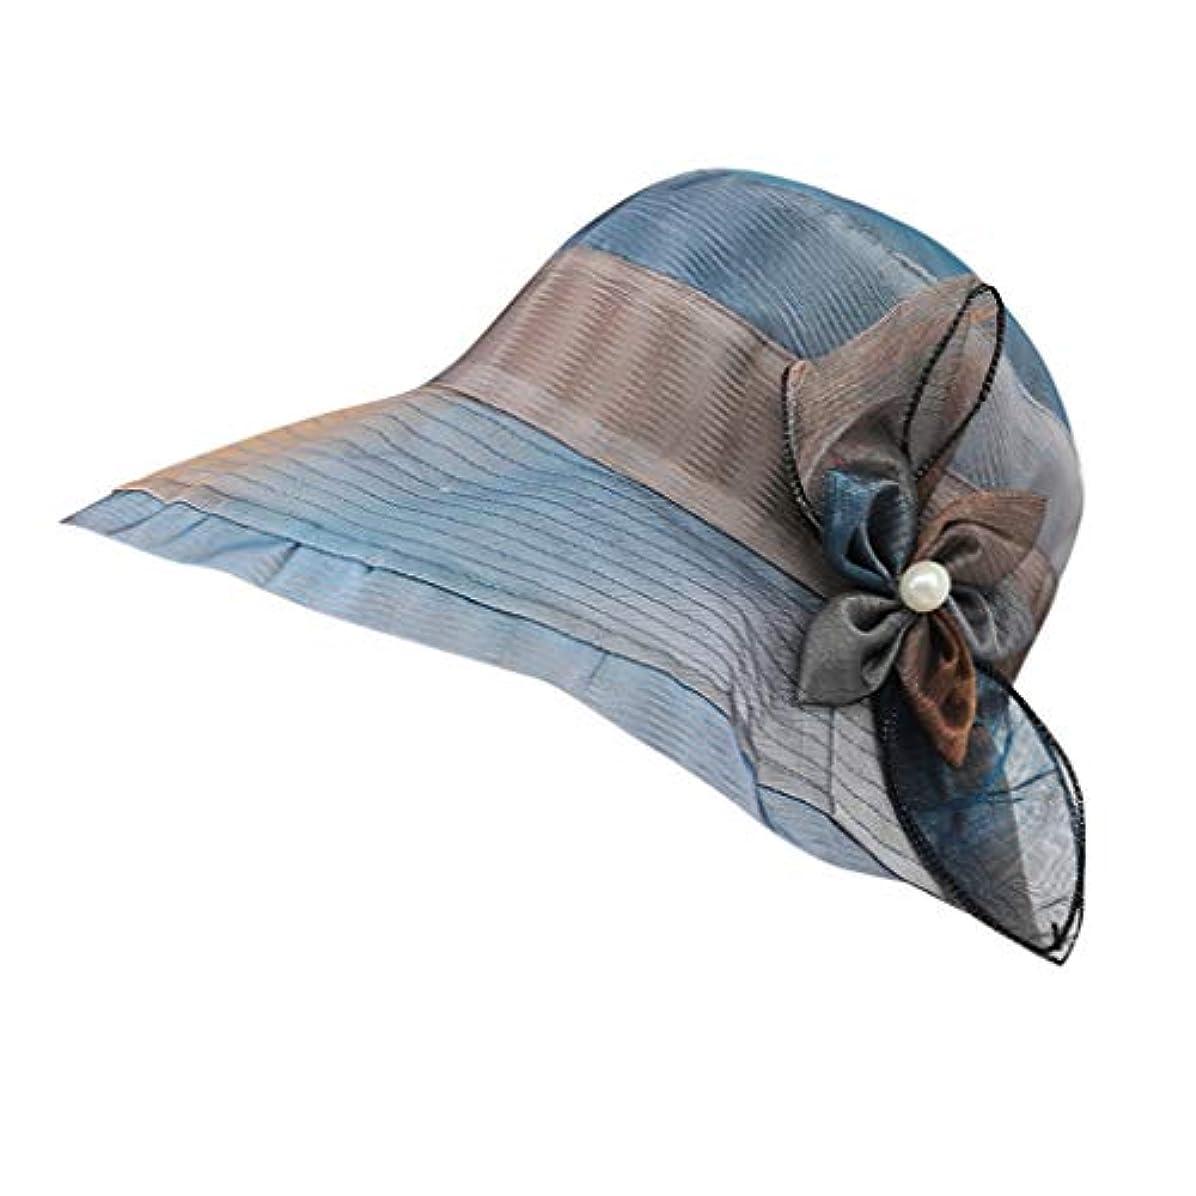 剥ぎ取る注入純正ハット レディース UVカット 帽子 レディース 日よけ 帽子 レディース つば広 無地 洗える 紫外線対策 ハット カジュアル 旅行用 日よけ 夏季 女優帽 小顔効果抜群 可愛い 夏季 海 旅行 ROSE ROMAN